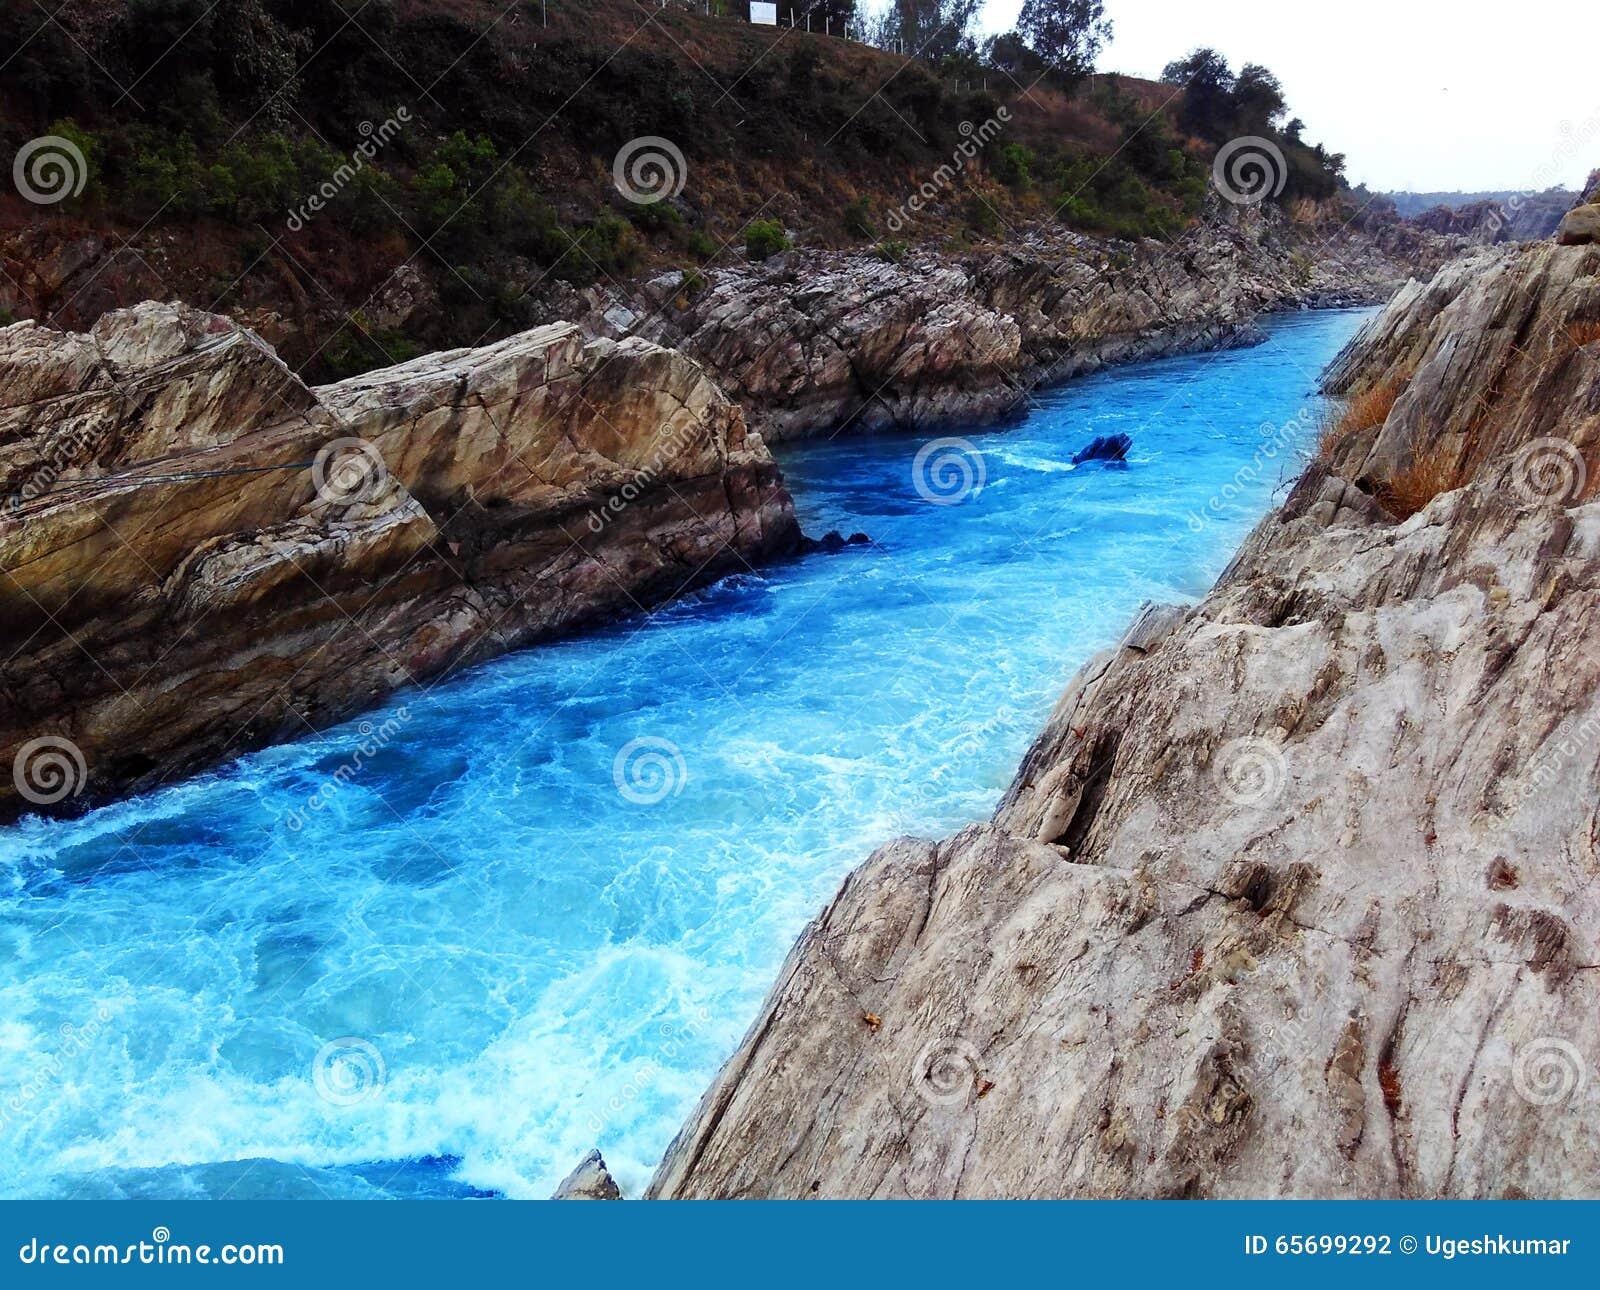 El río de Narmada rápido atraviesa las rocas de mármol